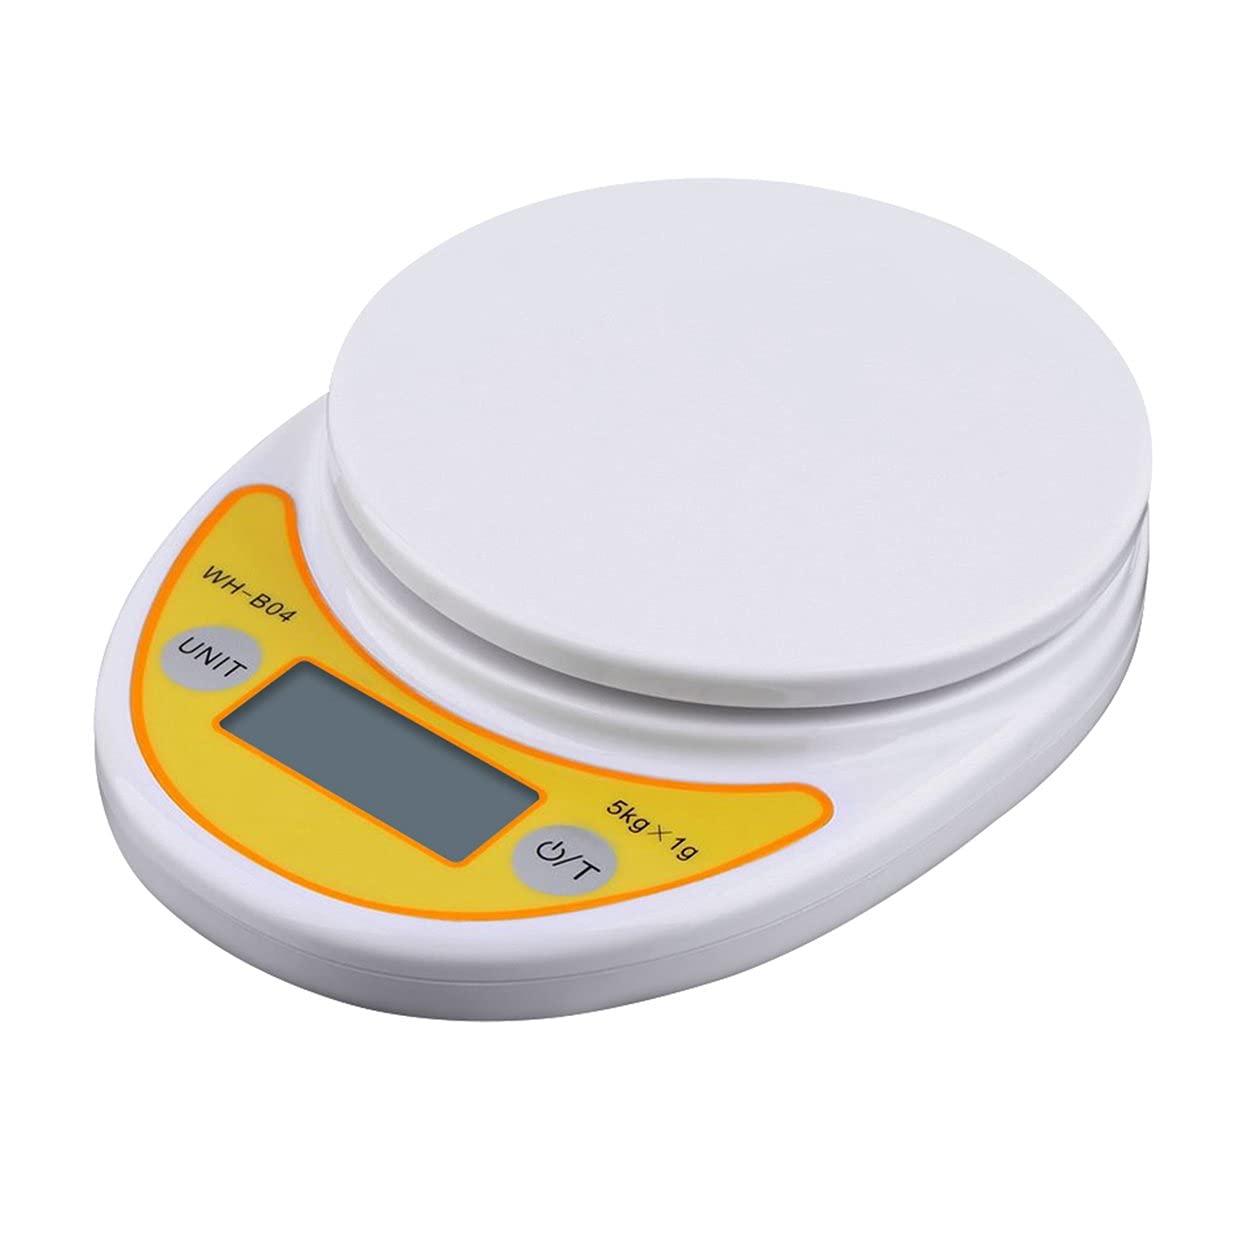 Timetided WH-B04 5 kg / 1g pantalla LCD digital electrónica de peso báscula de cocina para el hogar para balanzas de pesaje de alimentos